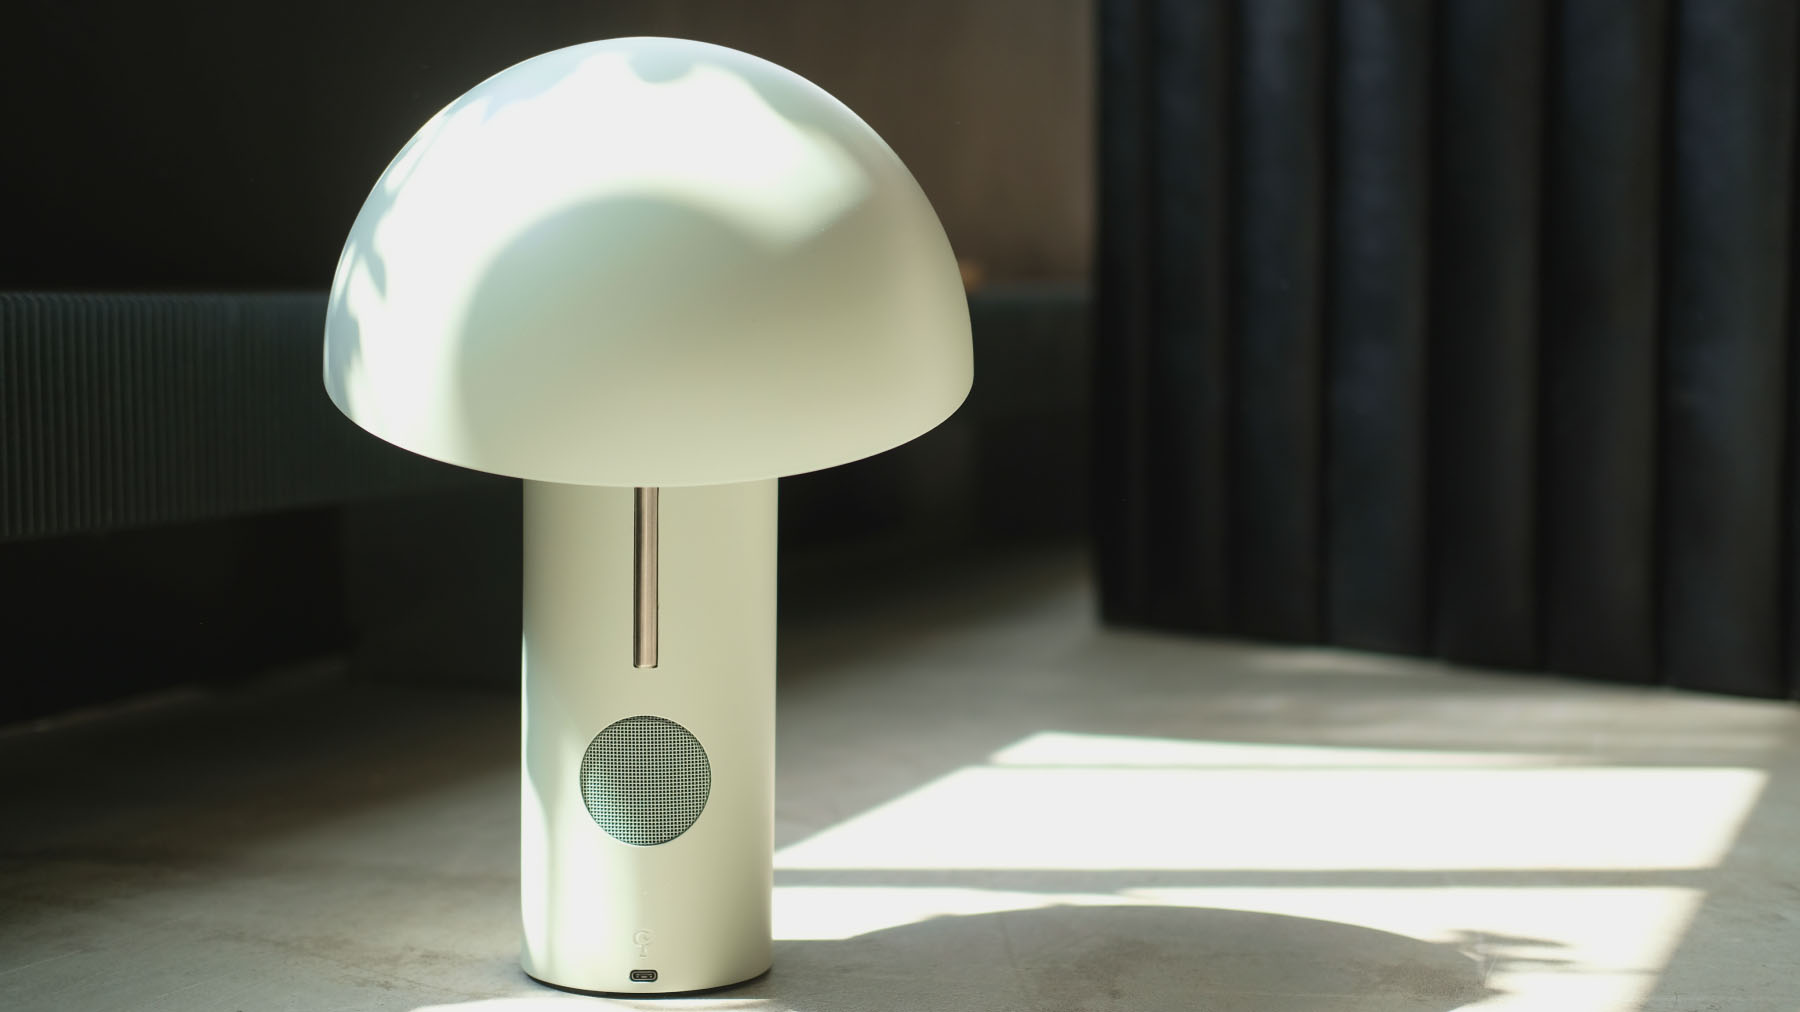 Jaune Fabrique - Luminaire acoustique Alto - Vert menthe à l'eau